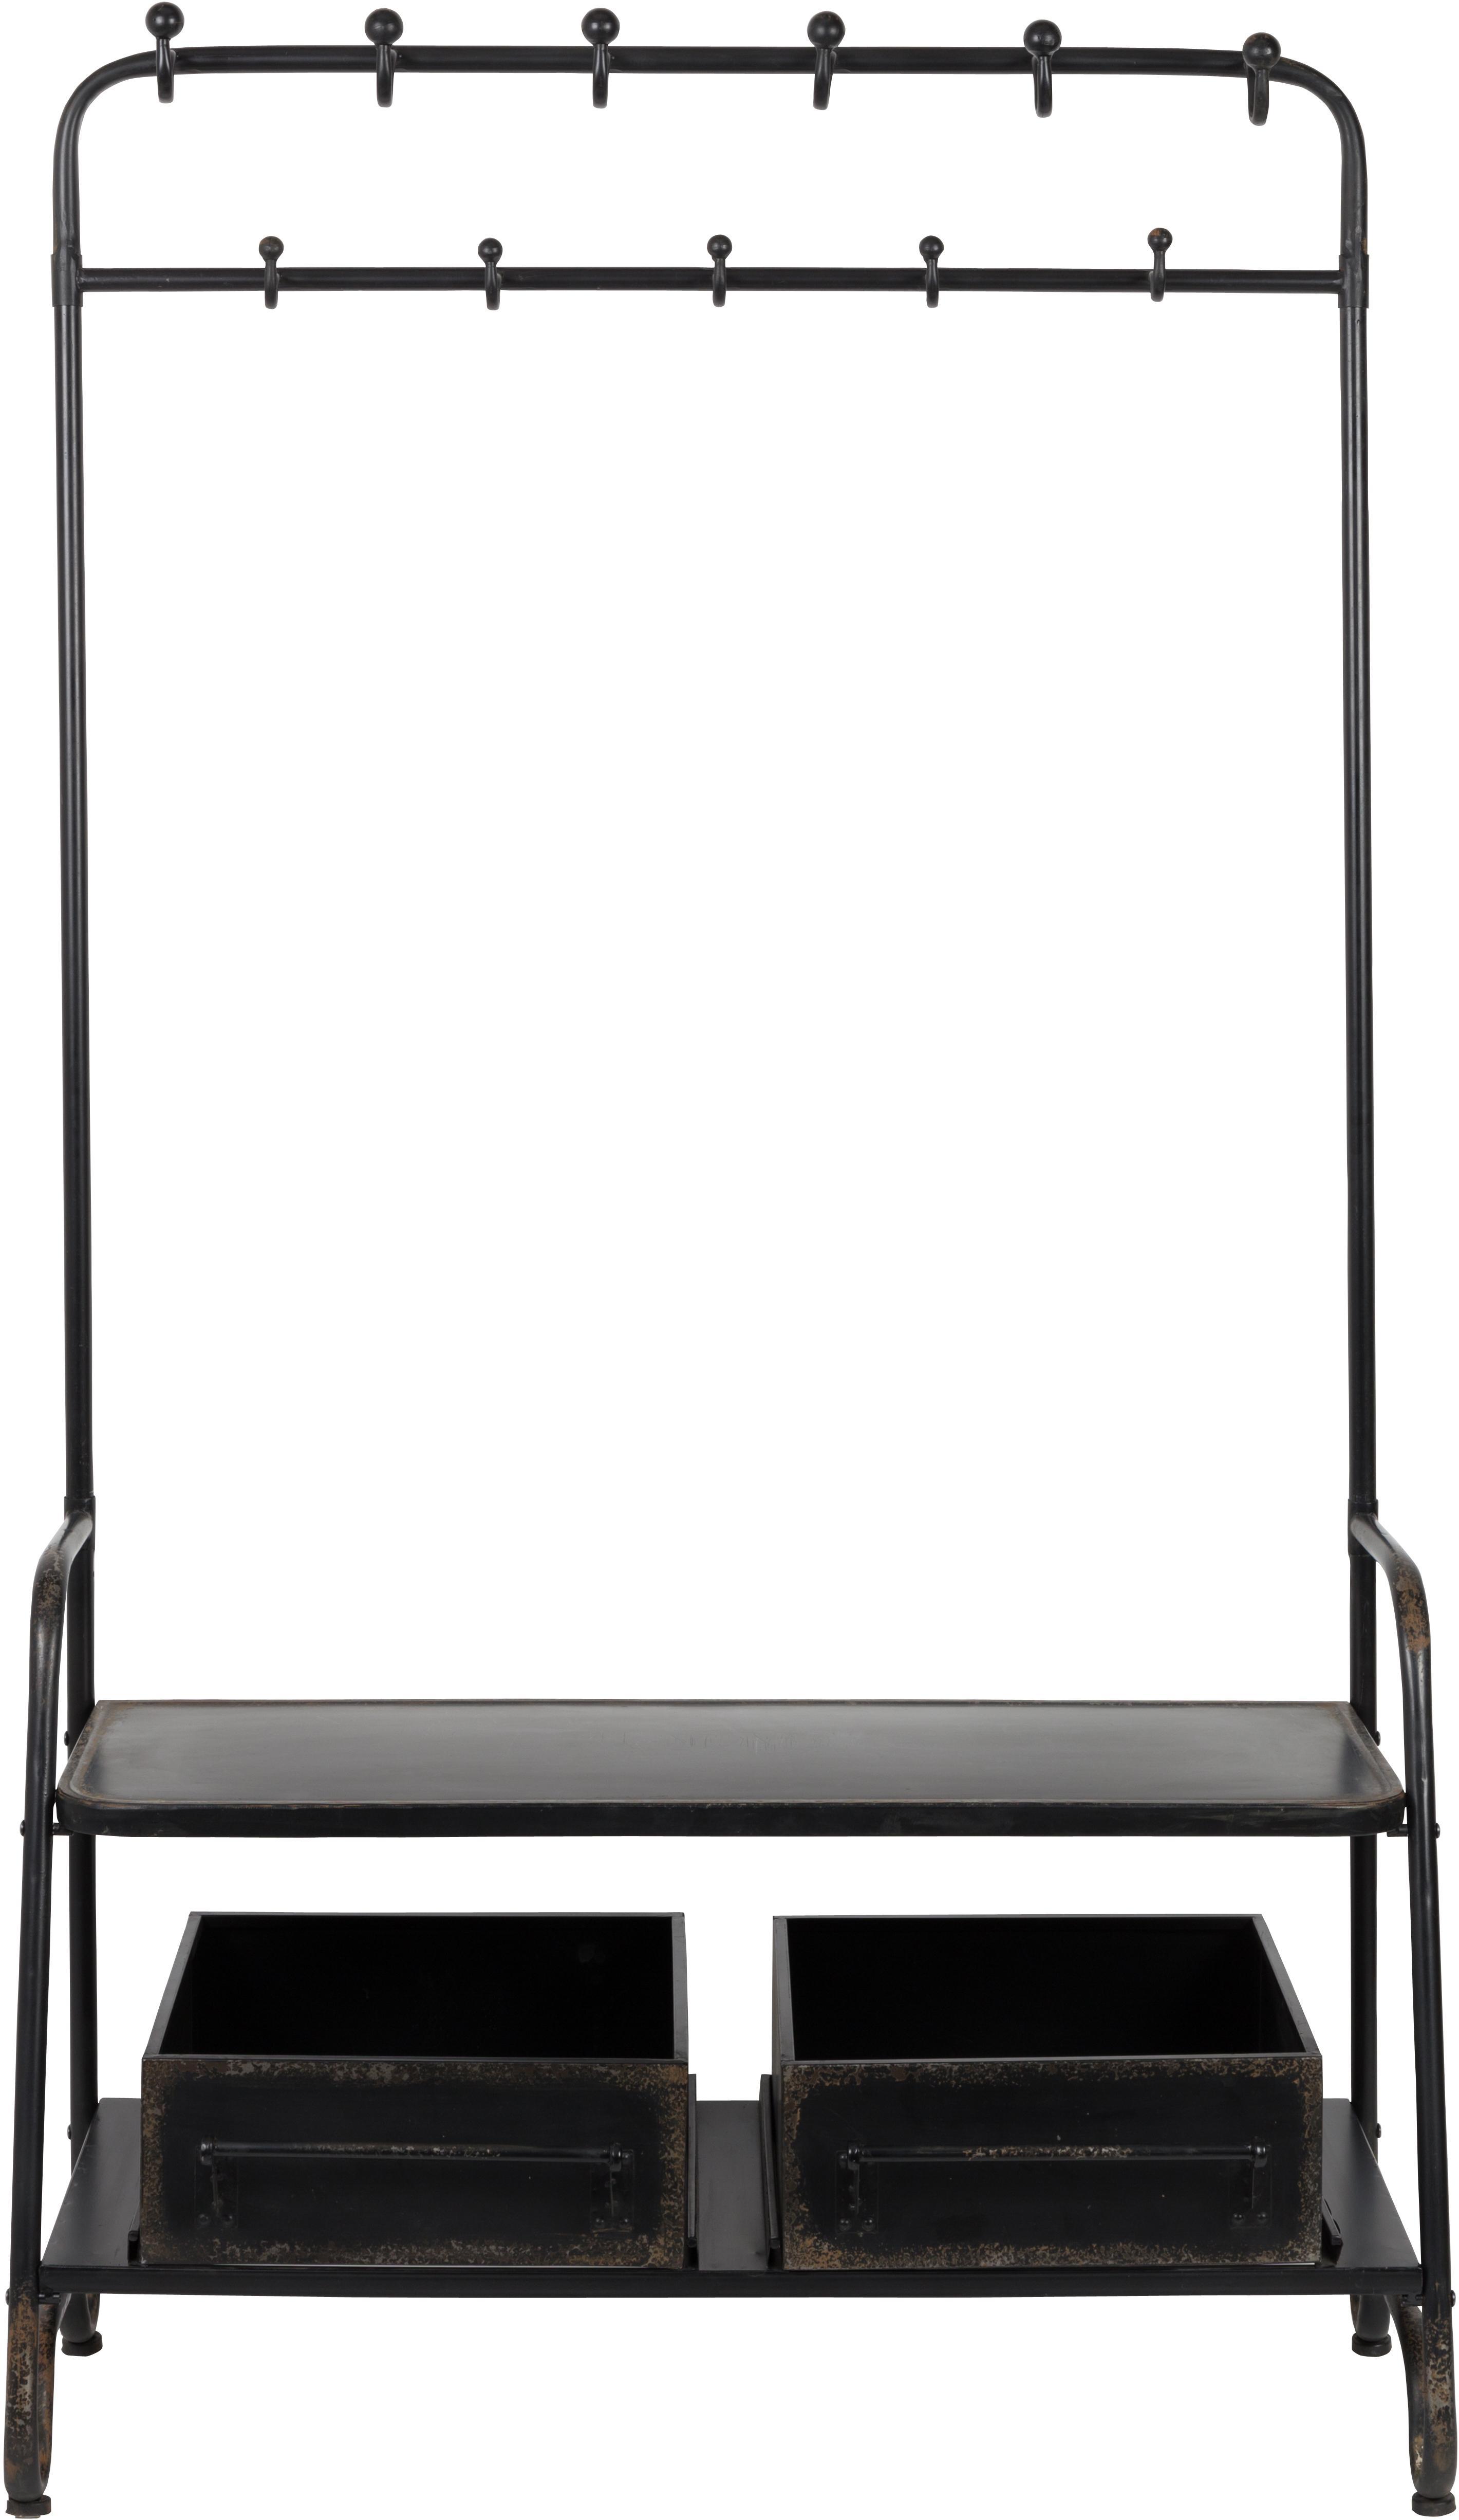 Burro Lucius, estilo moderno, Metal con pintura en polvo, Negro, con marcas de desgaste intencionales, An 104 x Al 182 cm